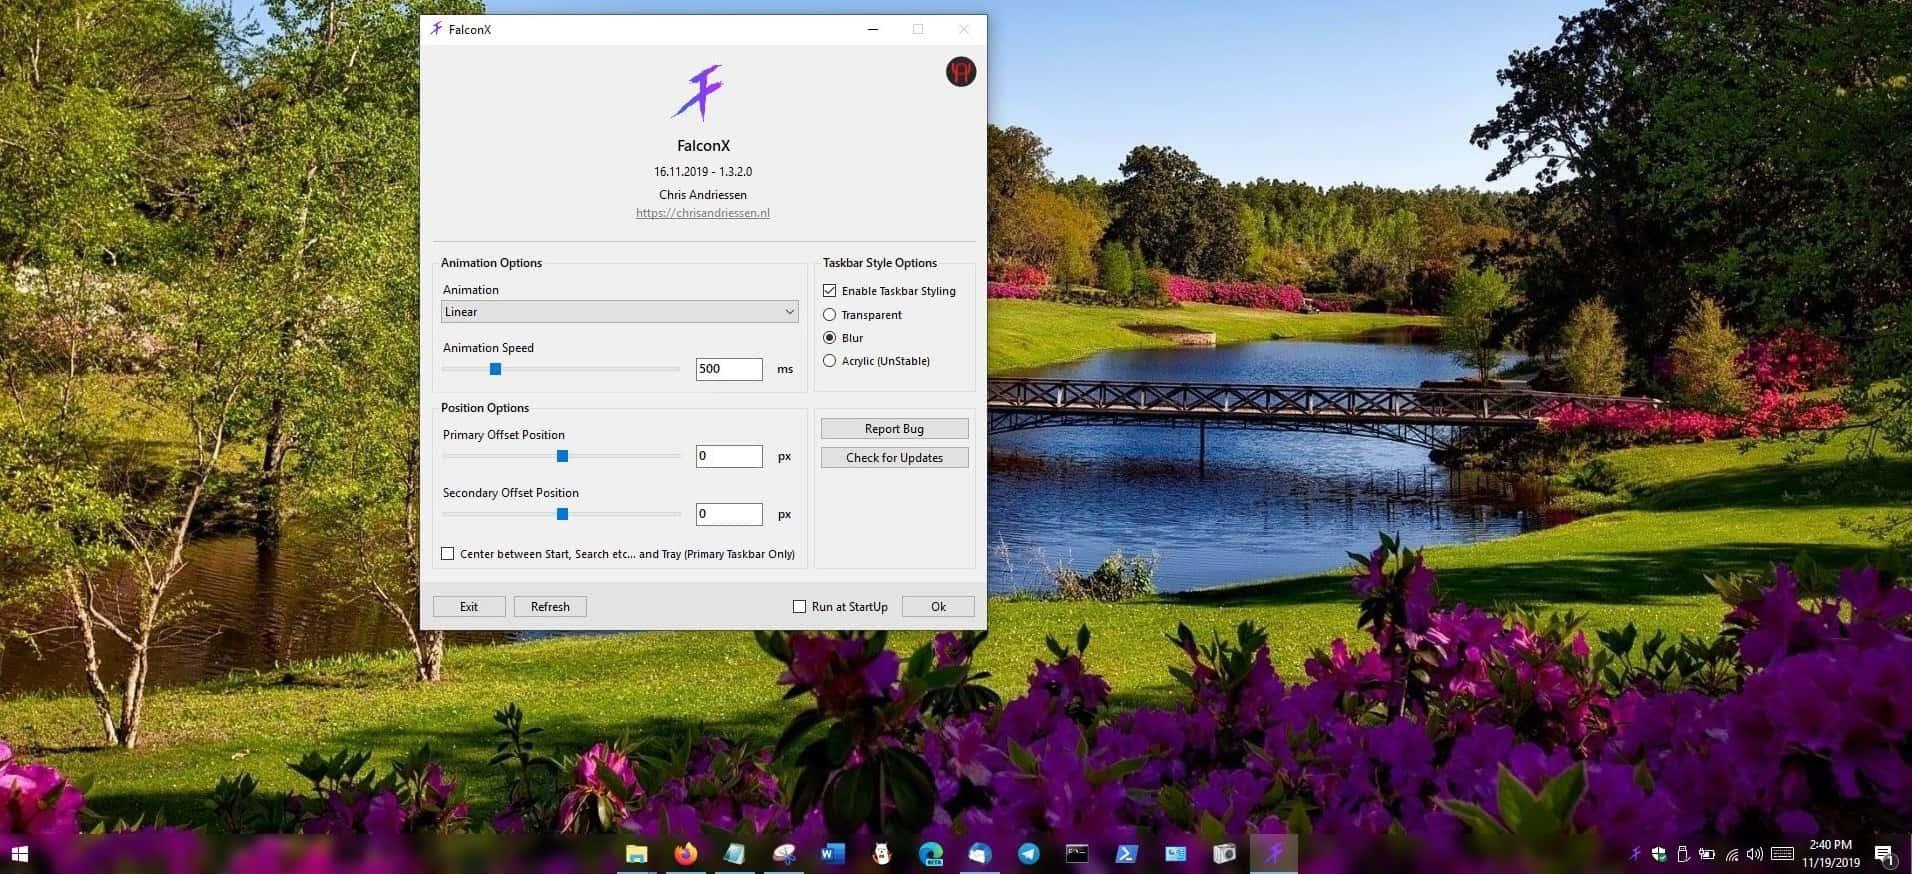 FalconX taskbar blur style